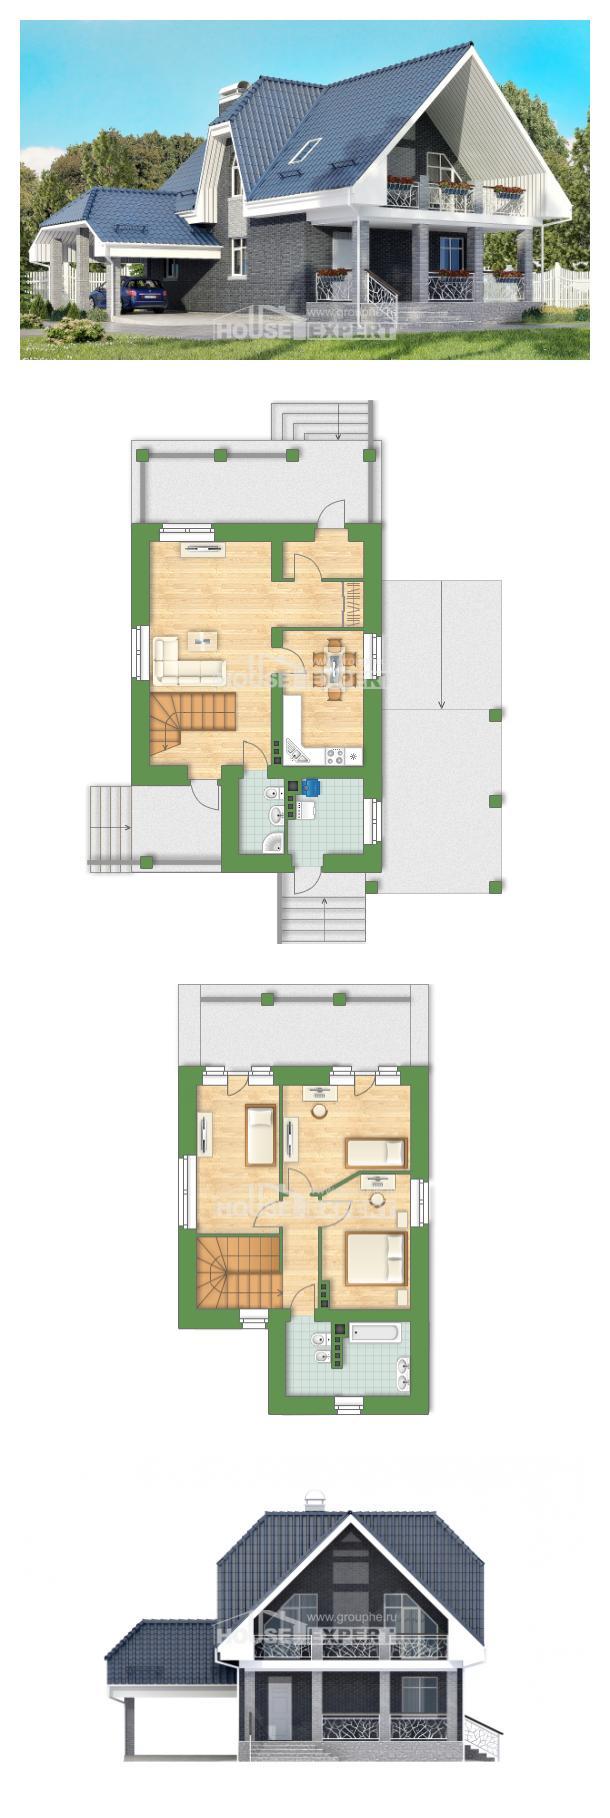 房子的设计 125-002-L   House Expert